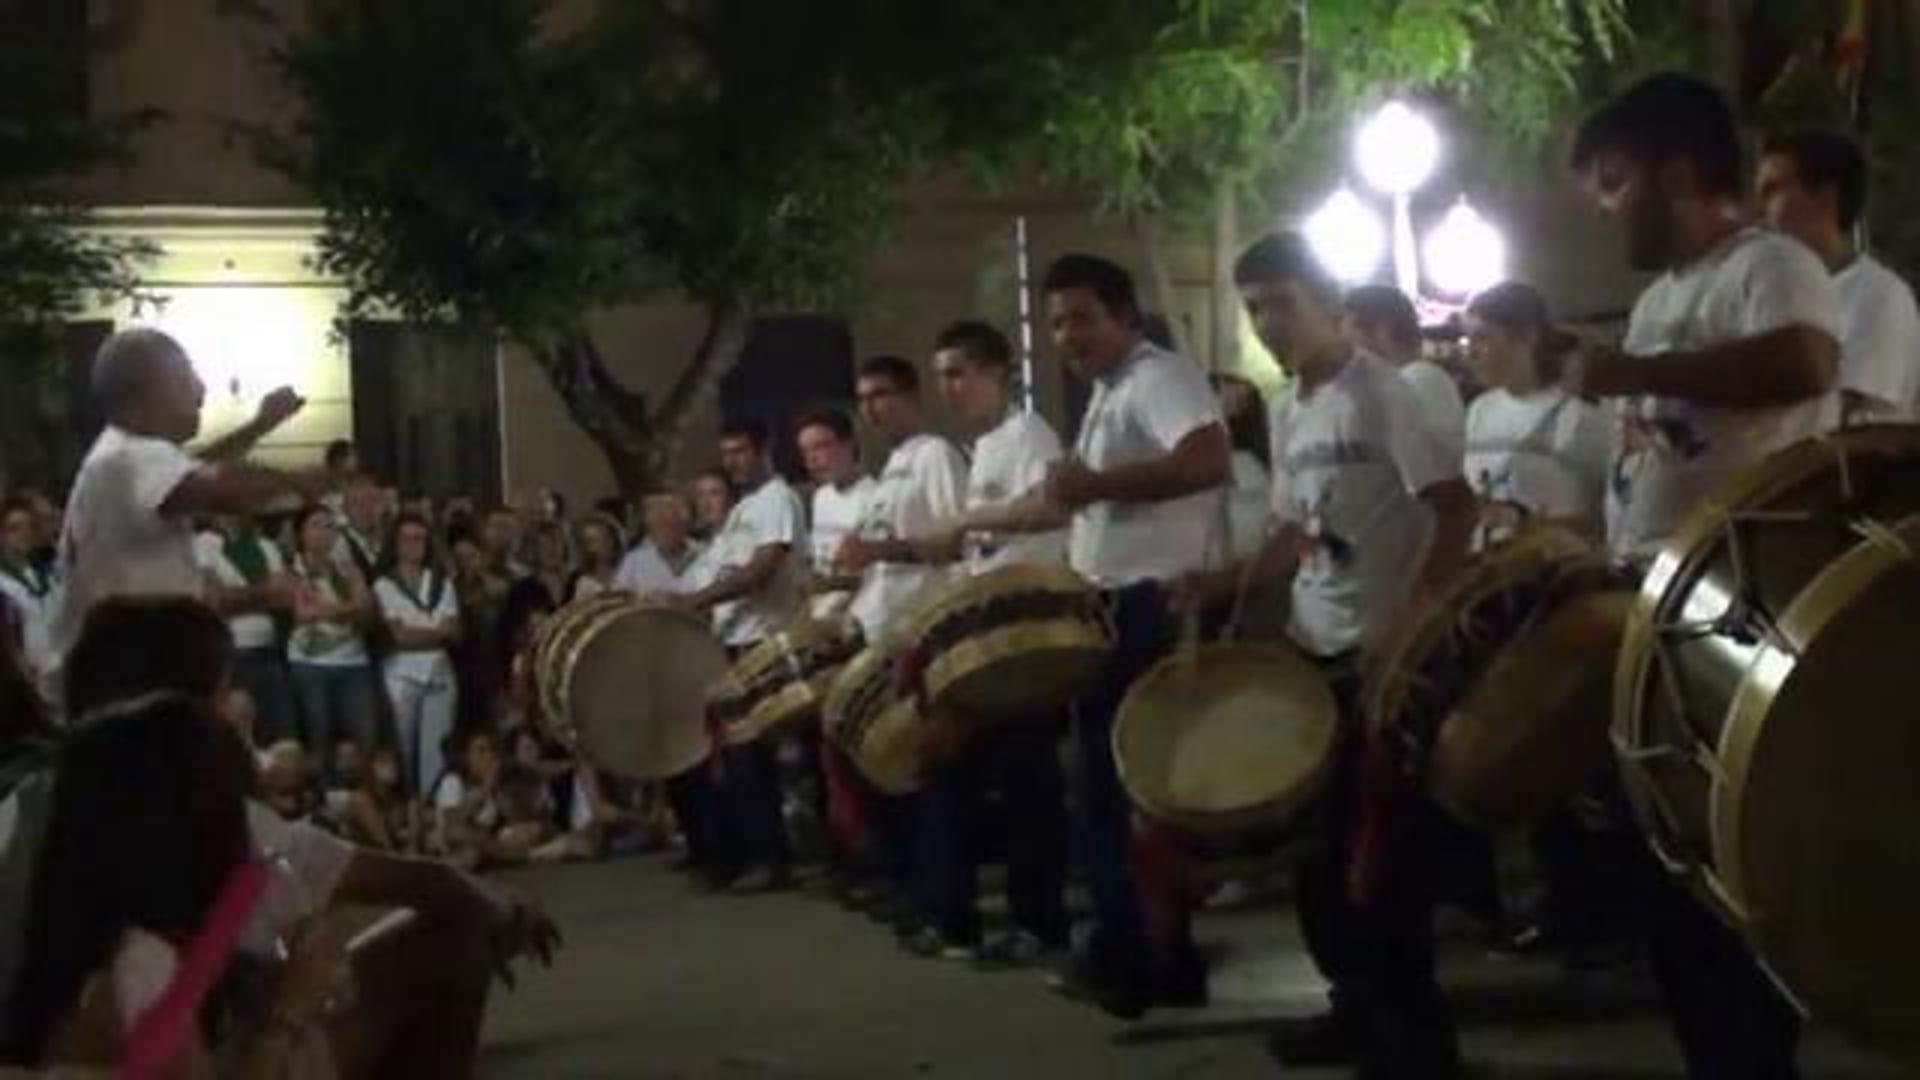 Tocándar em Huesca 2011.08.11